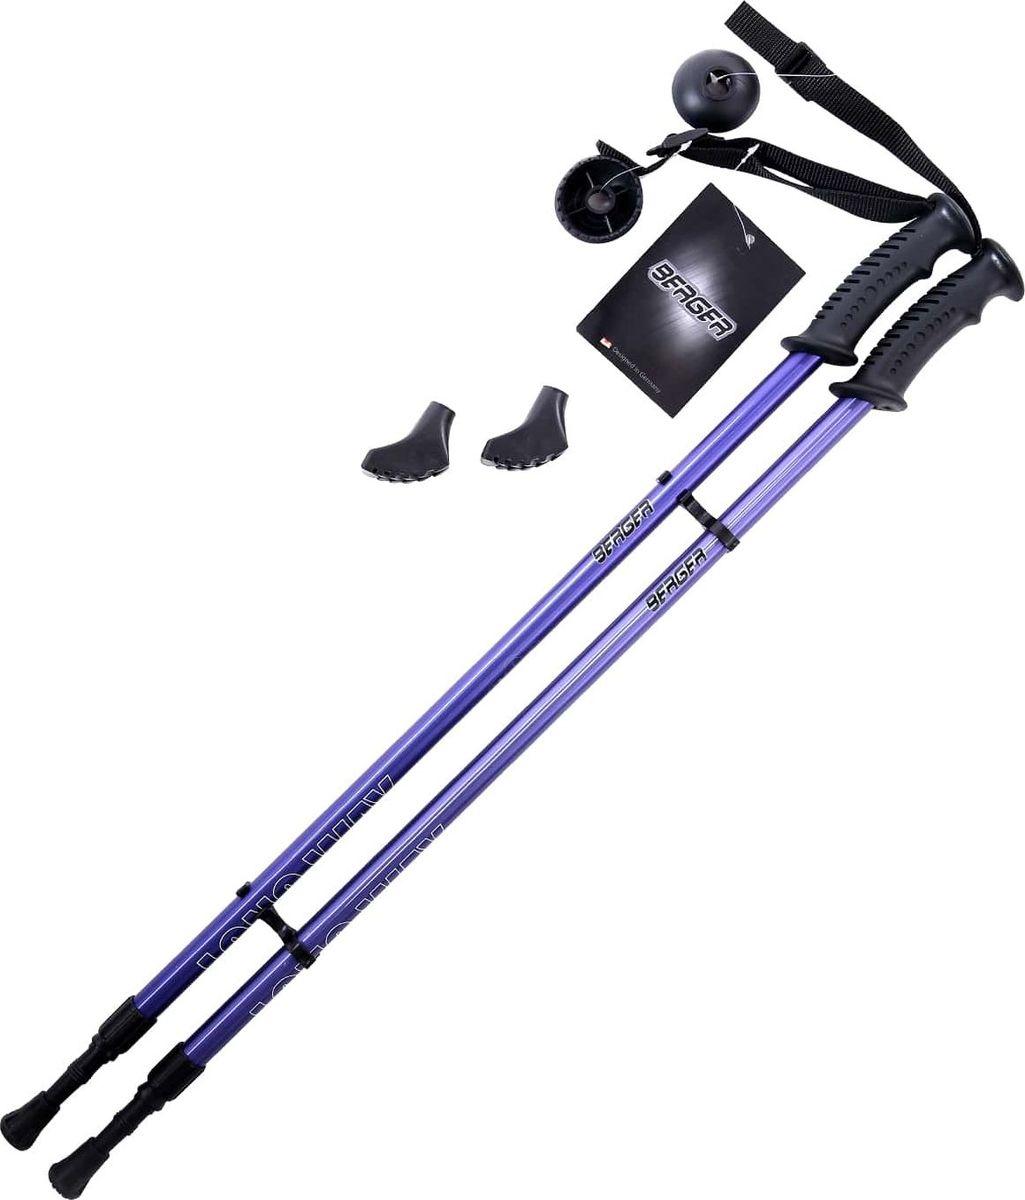 Палки для скандинавской ходьбы Berger  Longway , двухсекционные, цвет: темно-синий, 77-130 см, 2 шт - Скандинавская ходьба